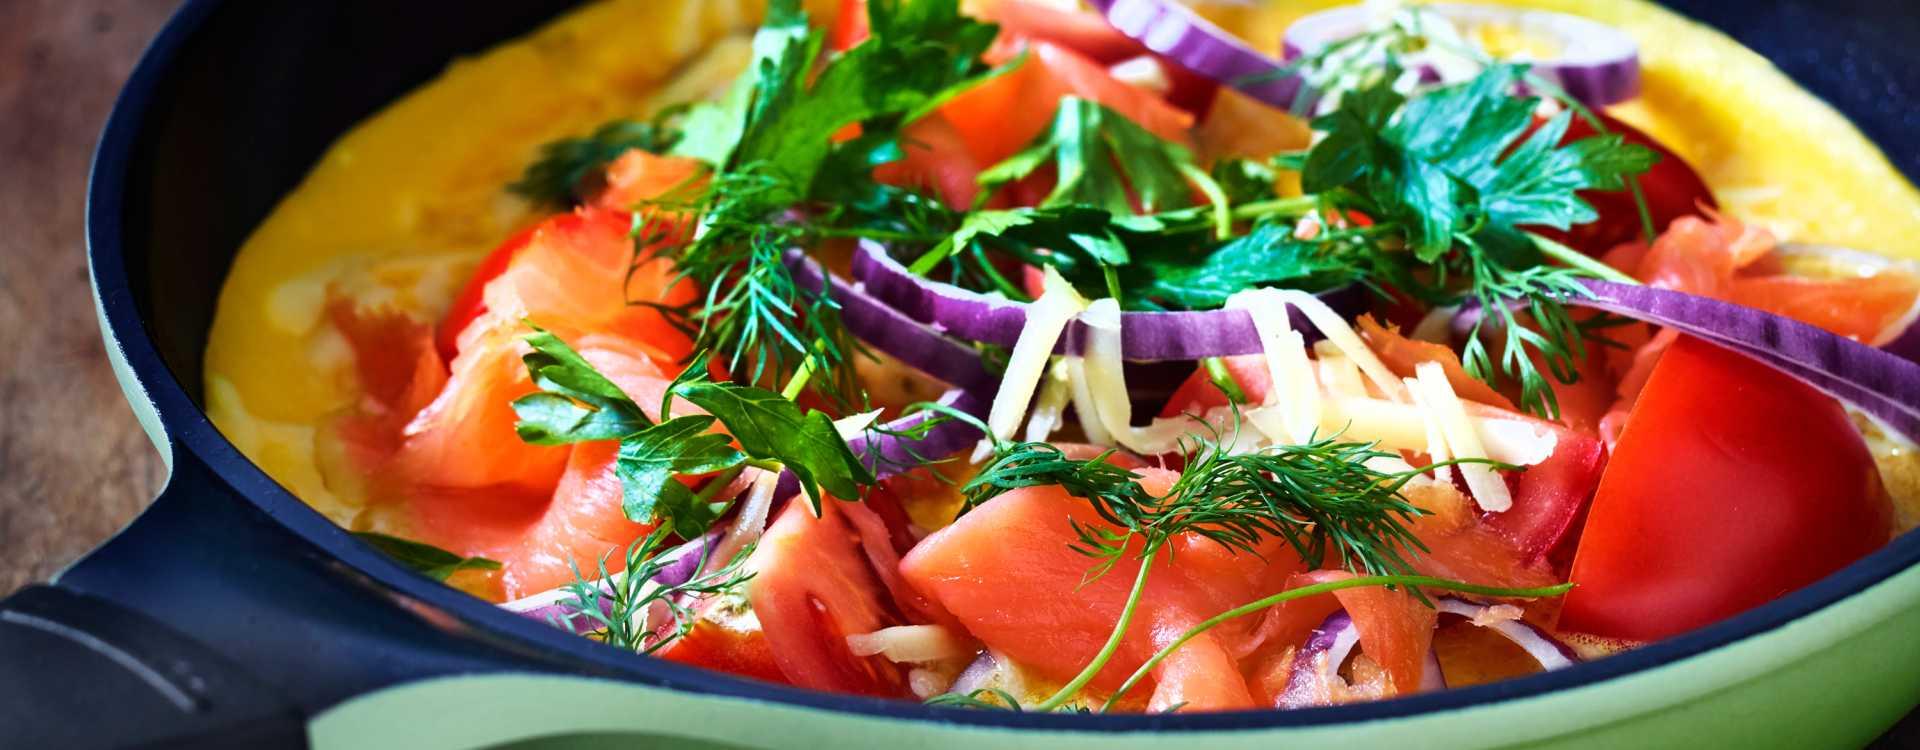 Åpen omelett med røkt laks, urter og Jarlsbergost